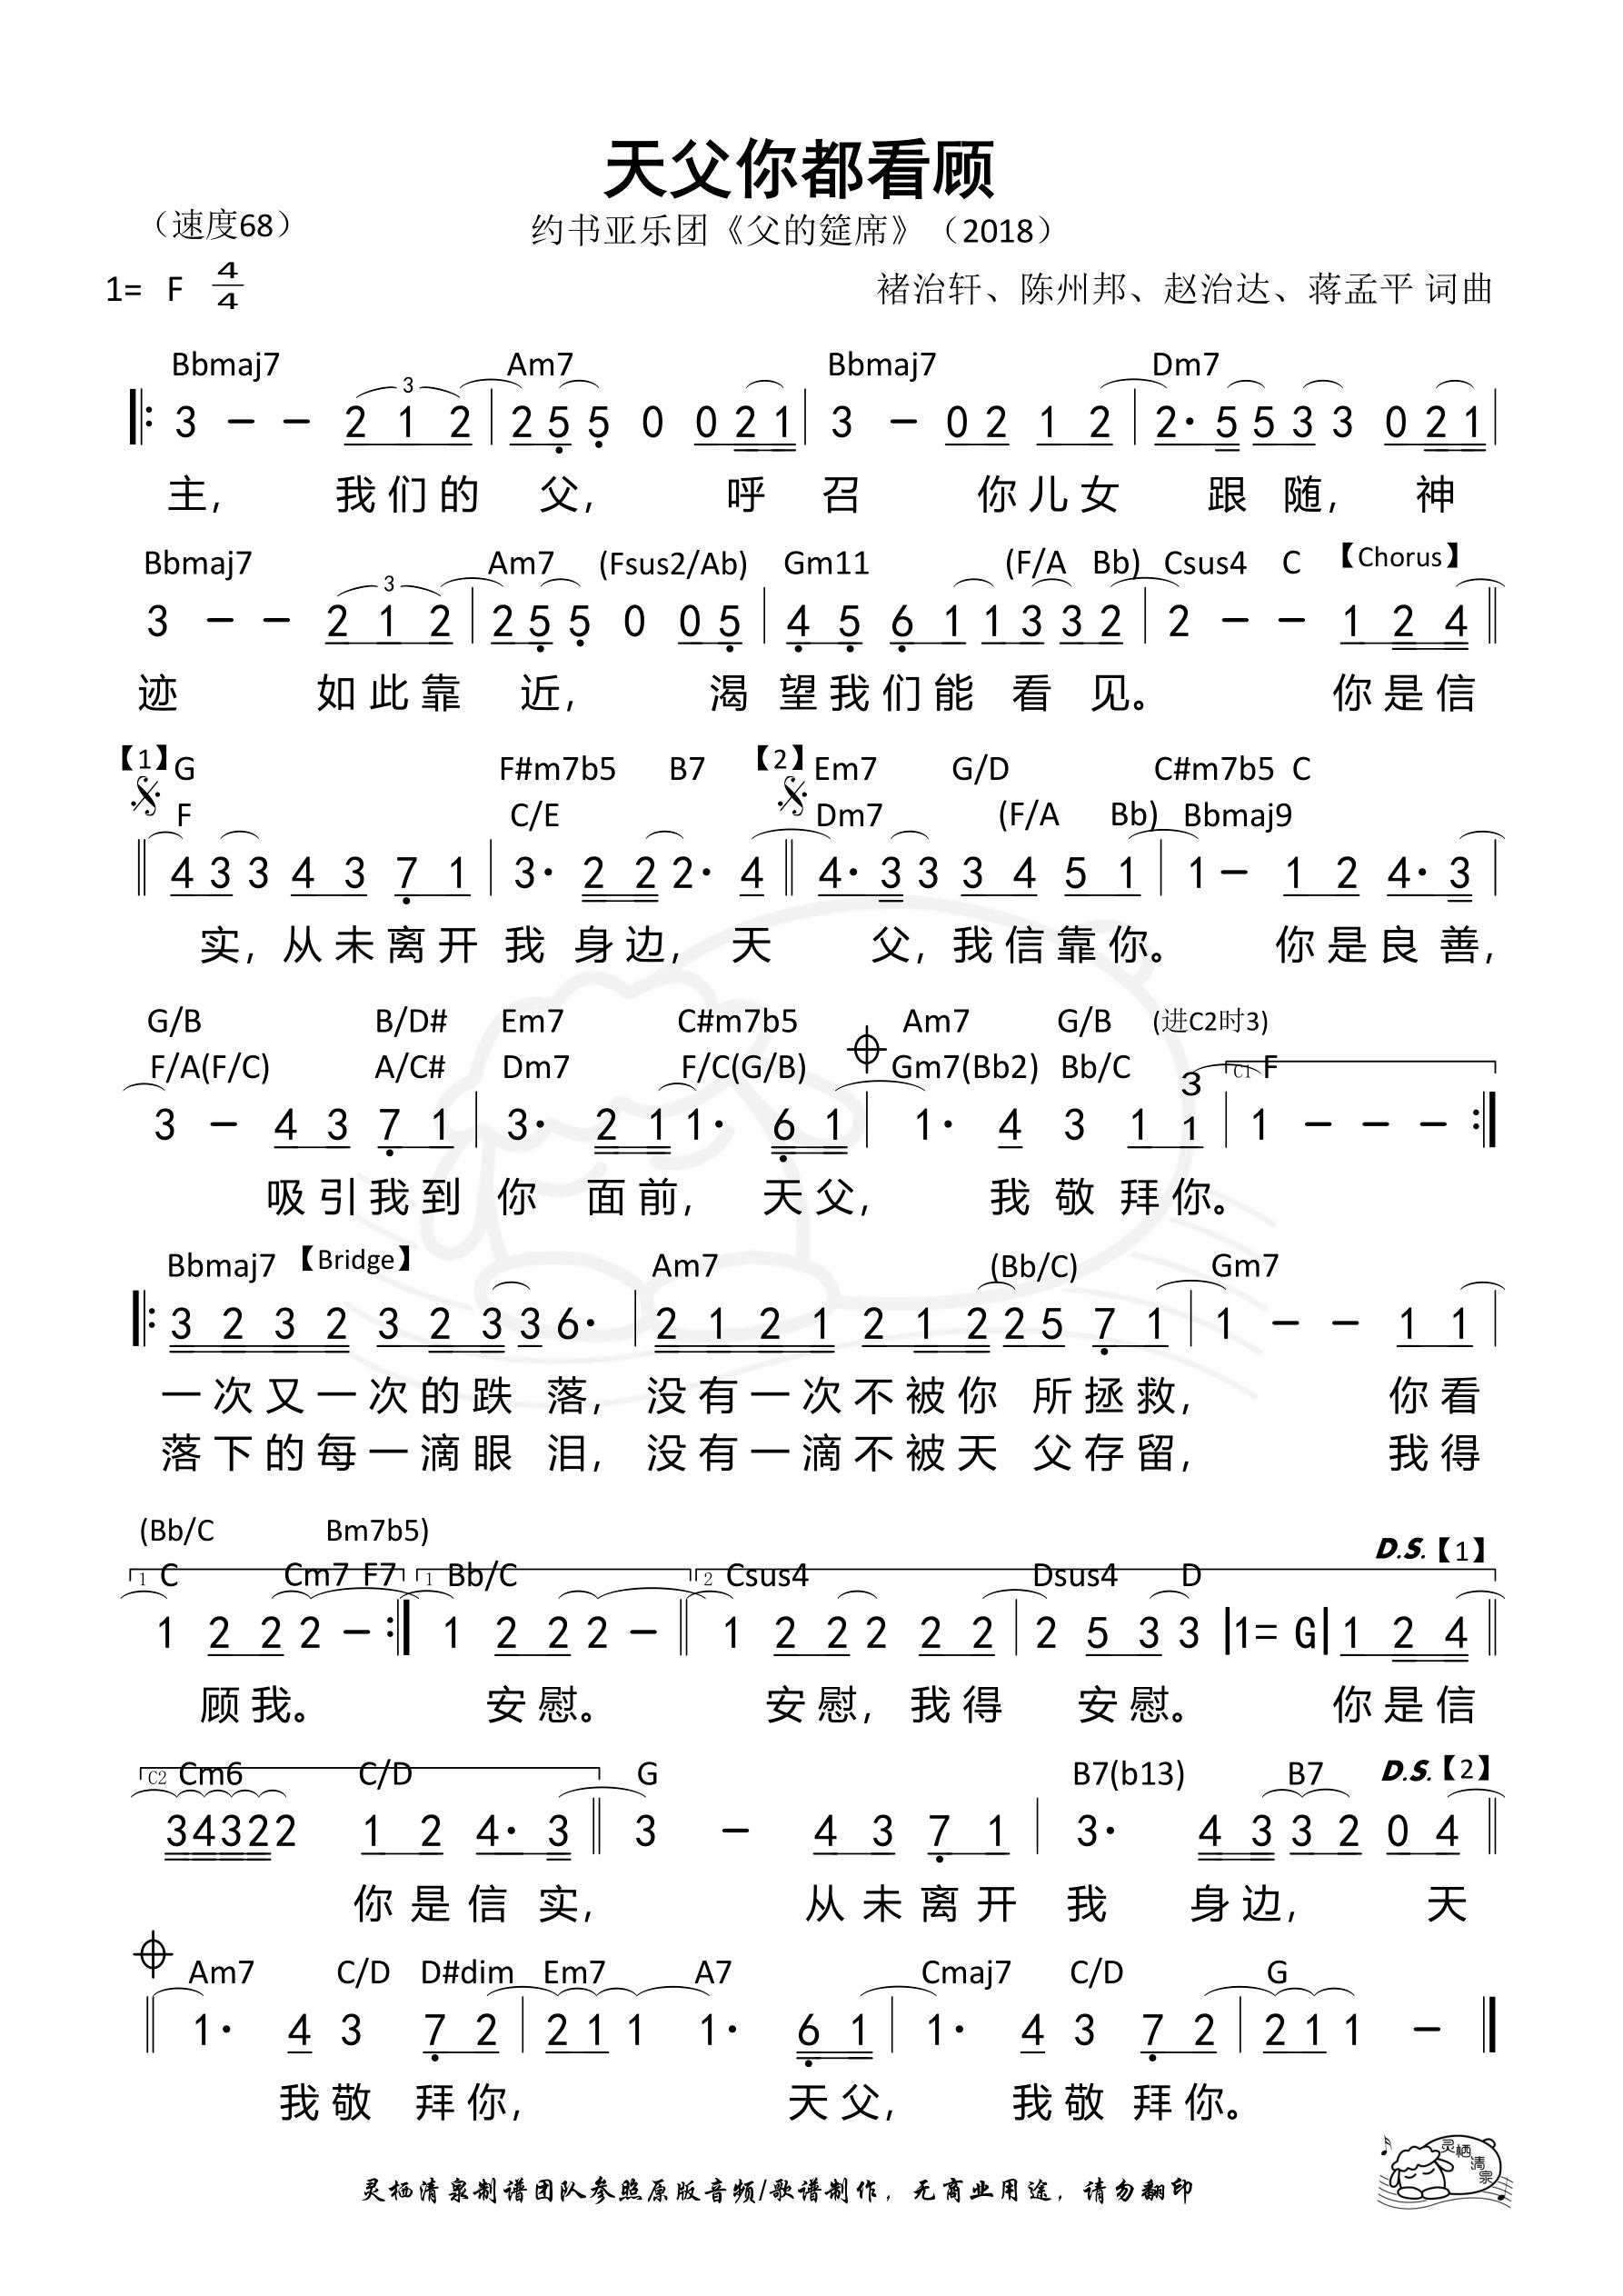 《第176首 - 天父你都看顾 和弦简谱》